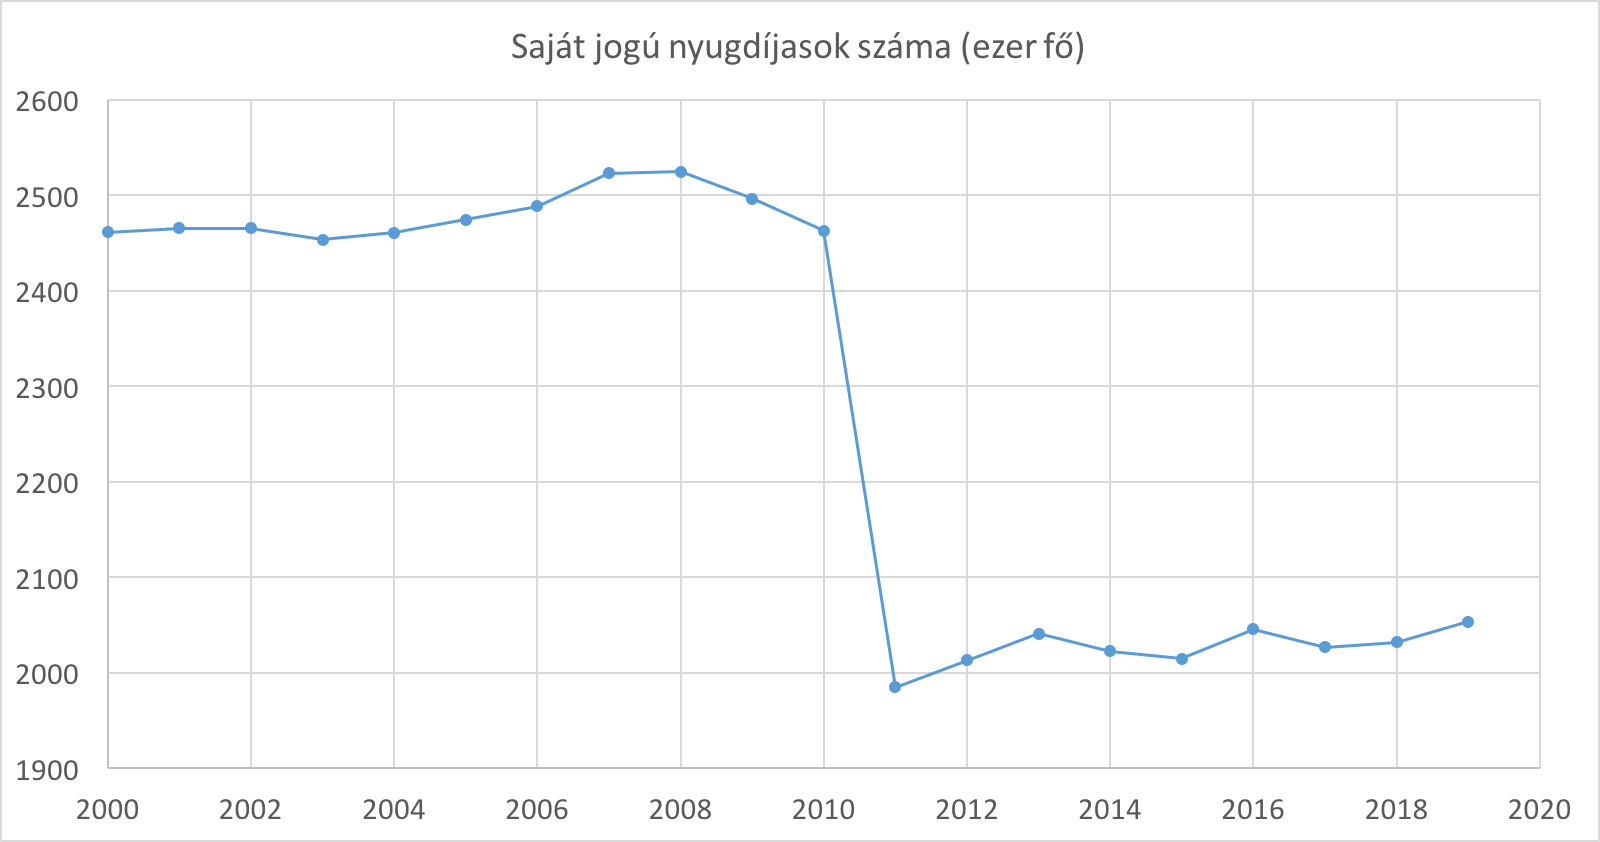 saját jogú nyugdíjasok száma Magyarországon